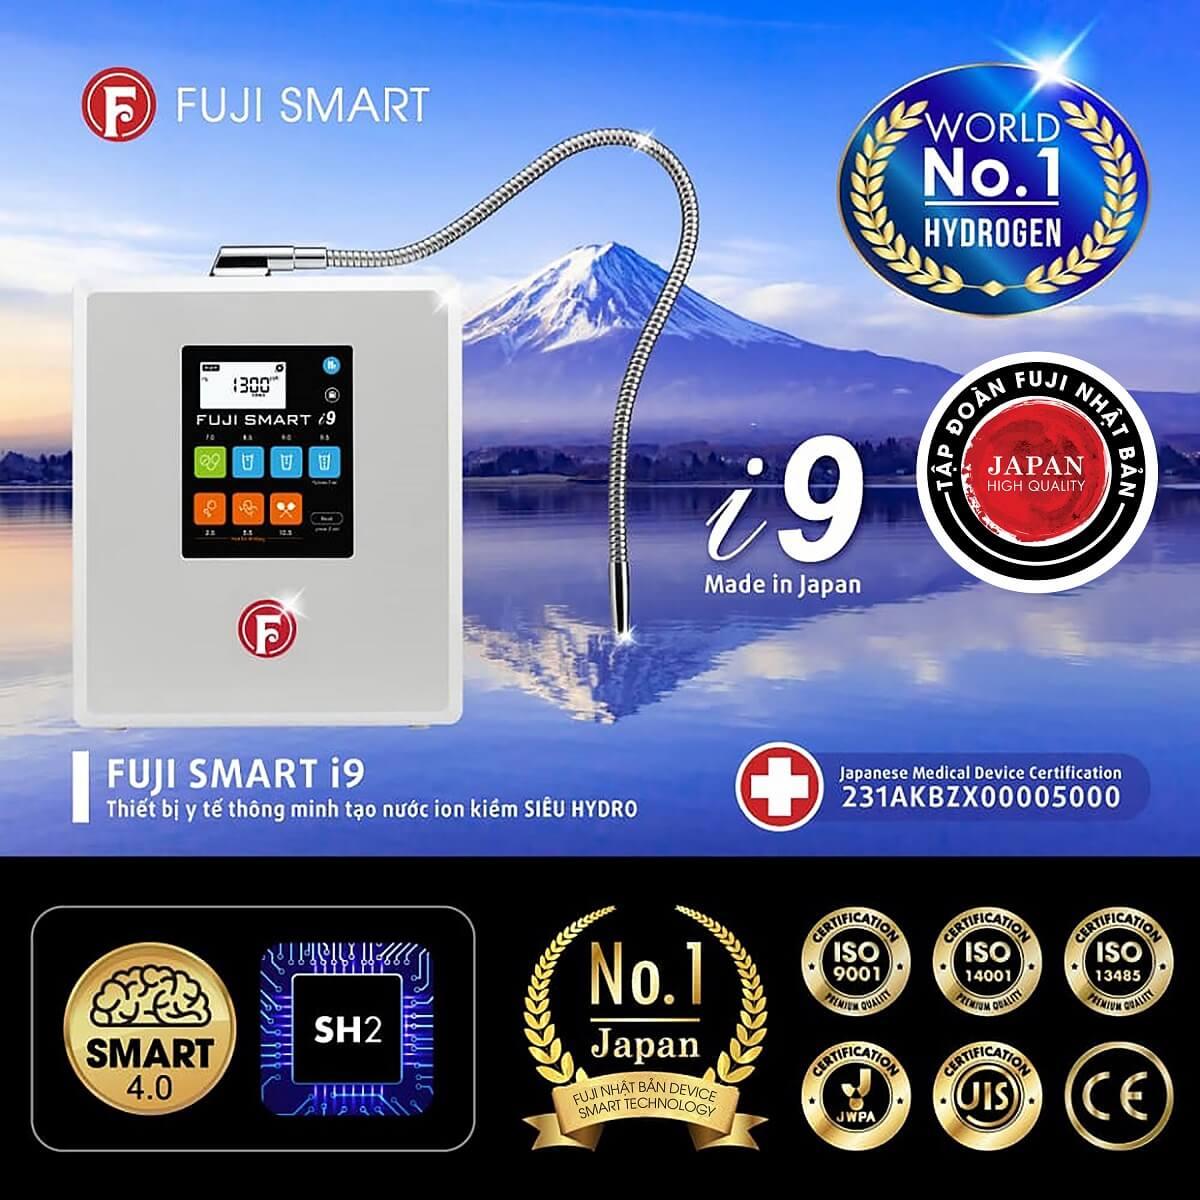 Máy Điện Giải Ion Kiềm Fuji Smart i9 đạt nhiều chứng nhận Quốc tế về chất lượng.